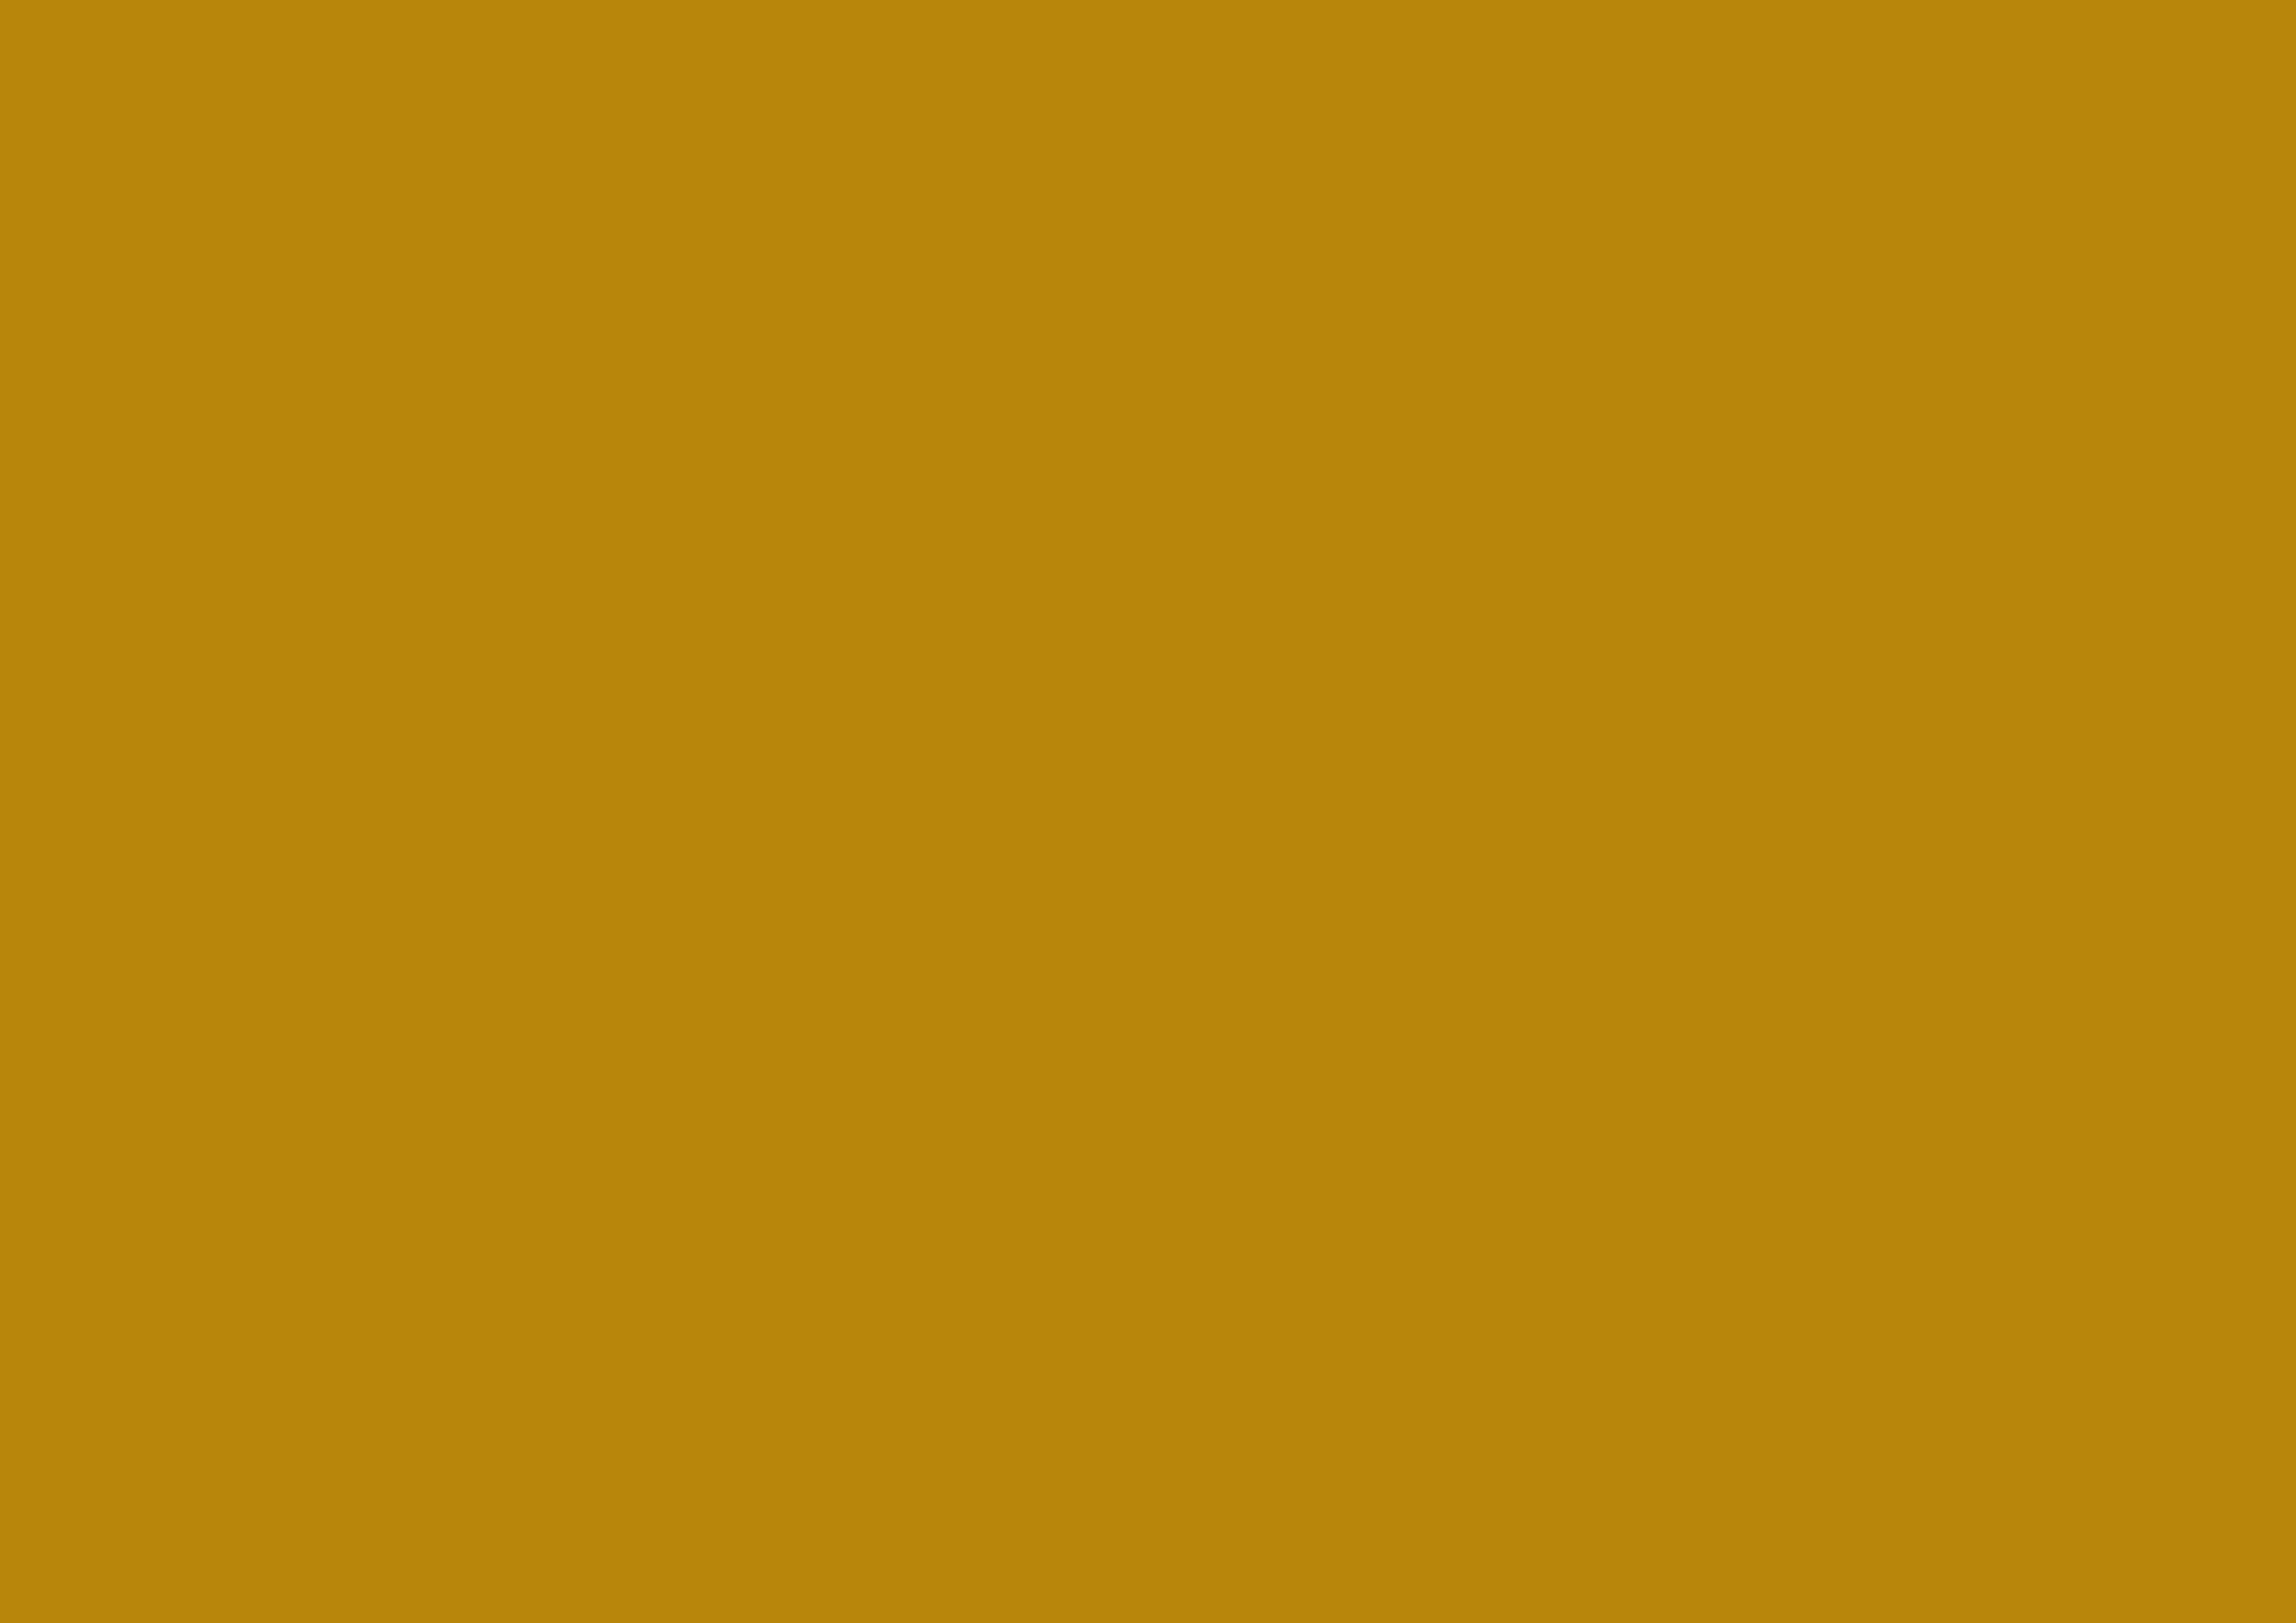 3508x2480 Dark Goldenrod Solid Color Background